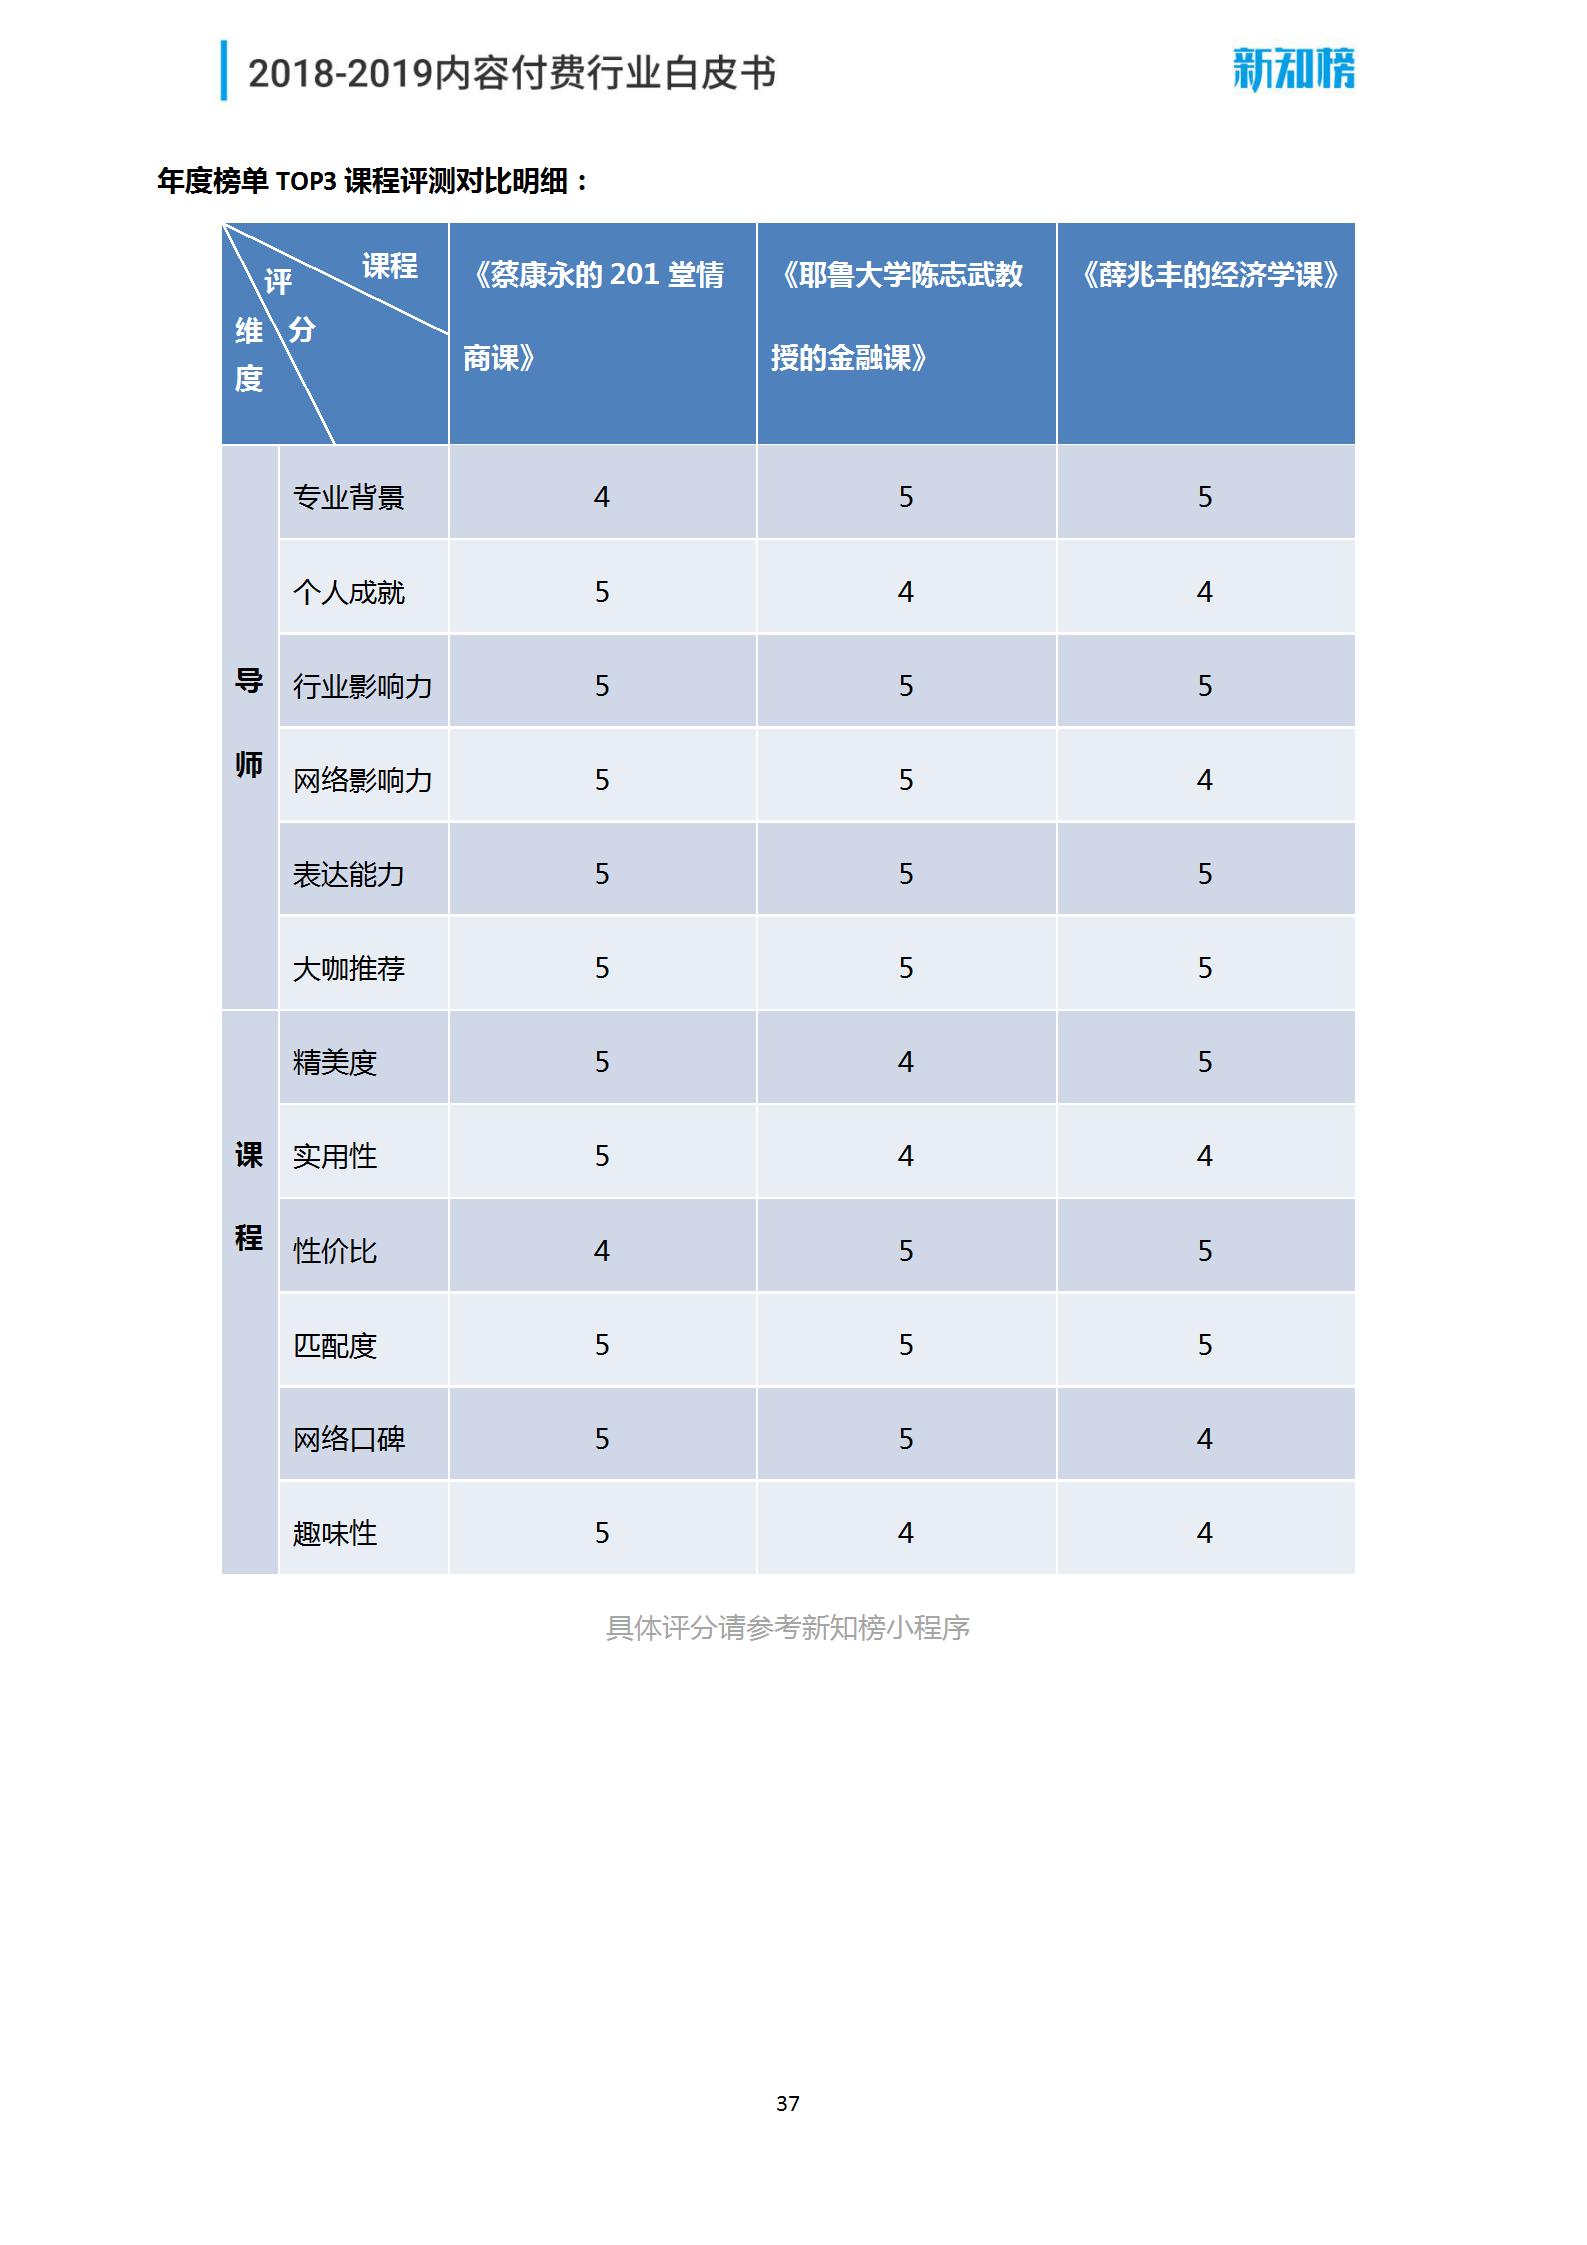 新知榜2018-2019内容付费行业白皮书_37.png